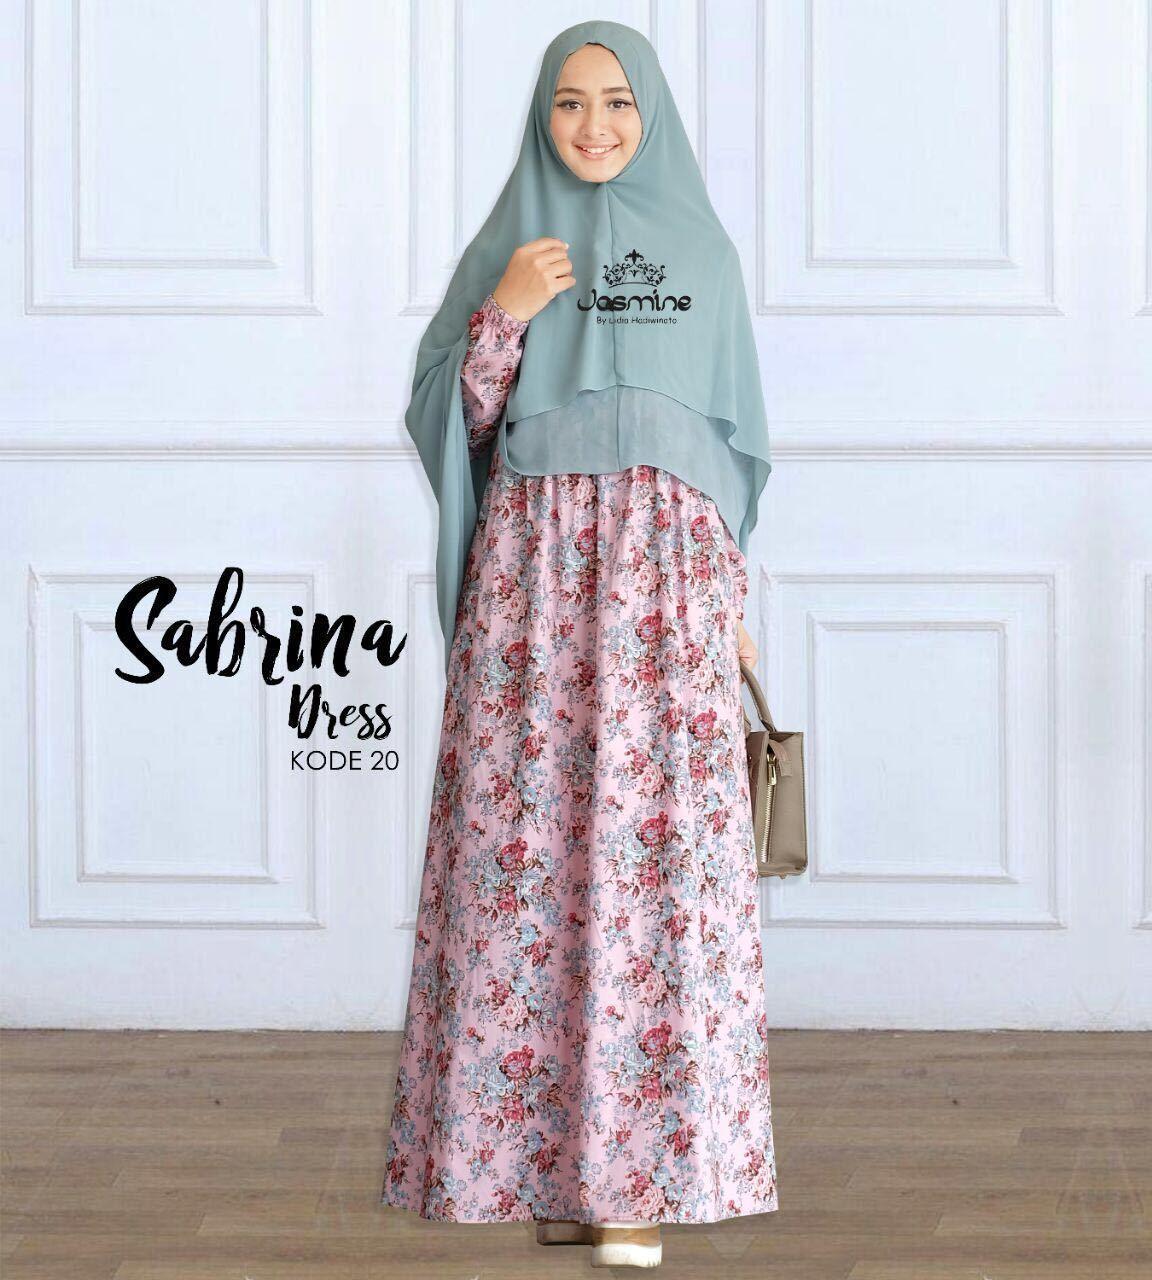 Gamis Jasmine Sabrina Dress 20 Baju Wanita Busana Muslim Cantik Katun Hitam Rok 05 Untukmu Yg Syari Dan